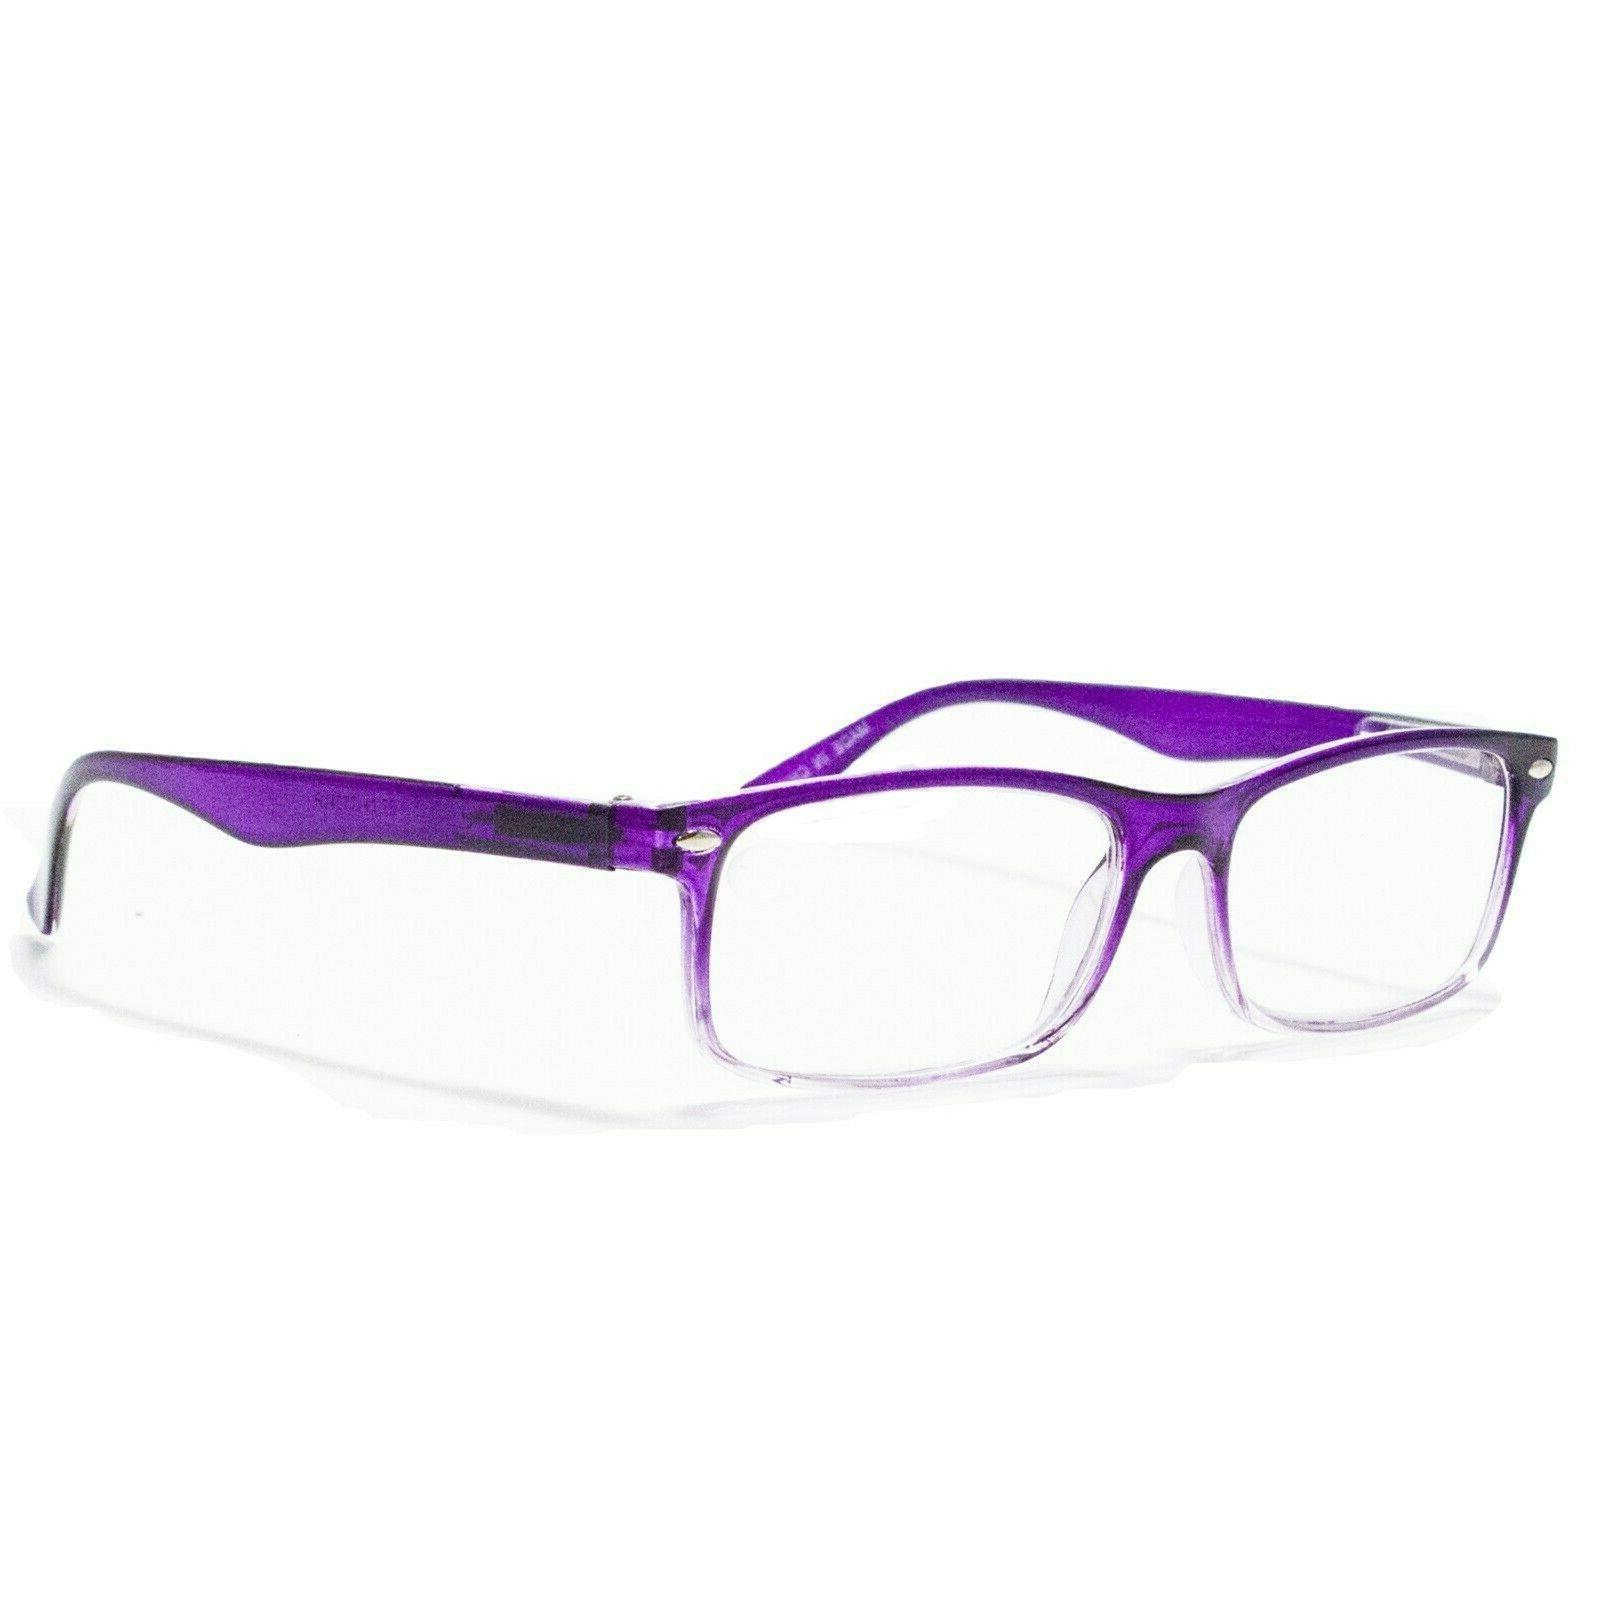 4 Hinge Power Reading Glasses Mens Womens 1-3